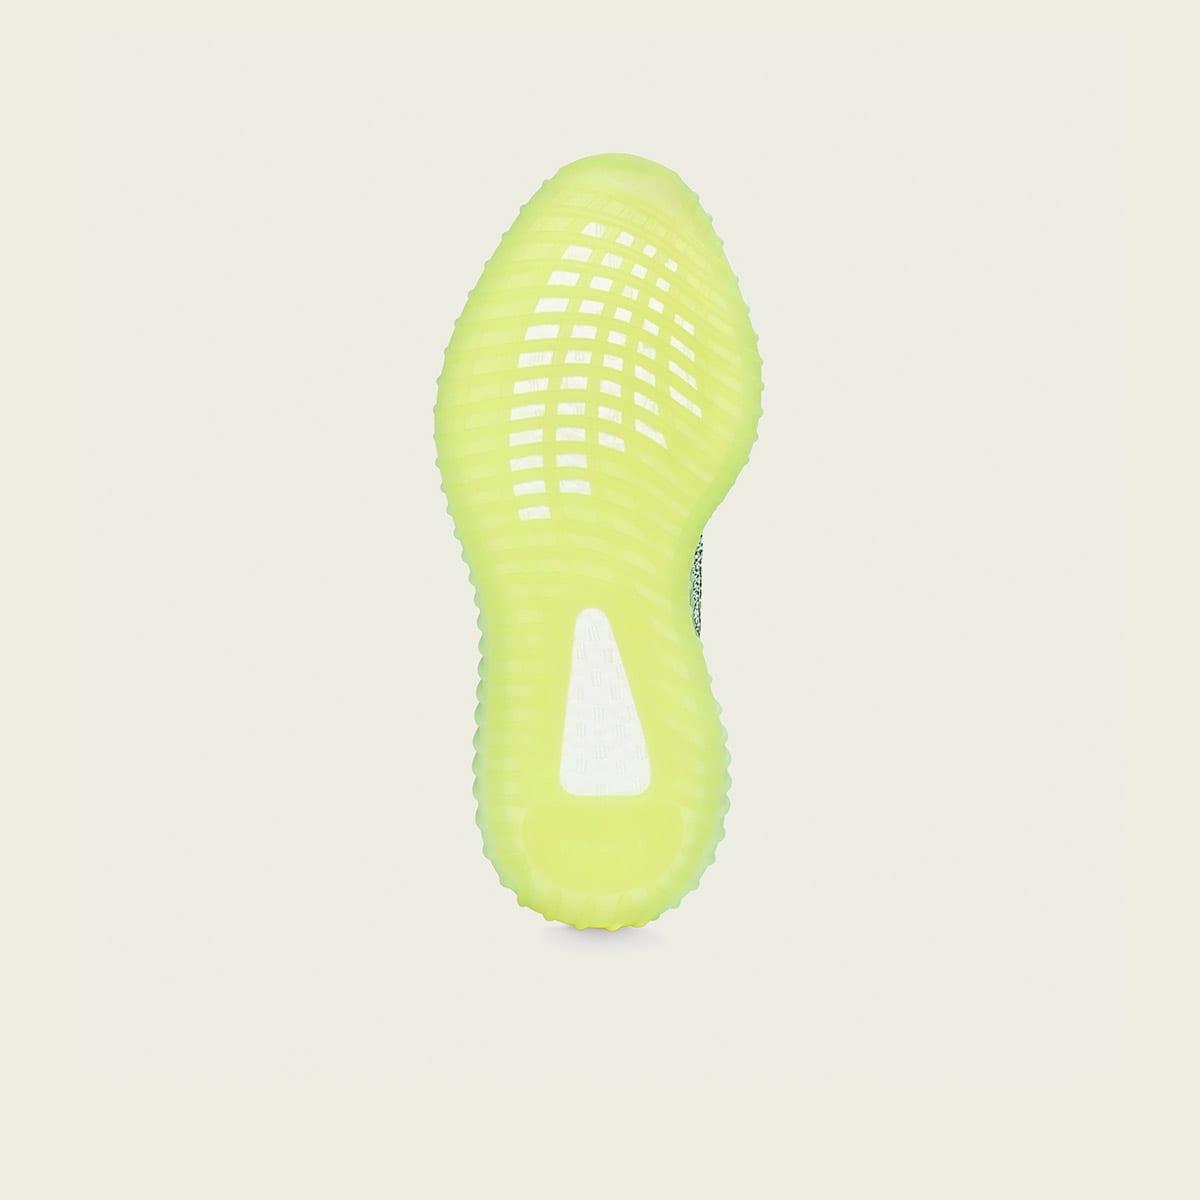 adidas YEEZY Boost 350 v2 'Yeezreel RF' - FX4130